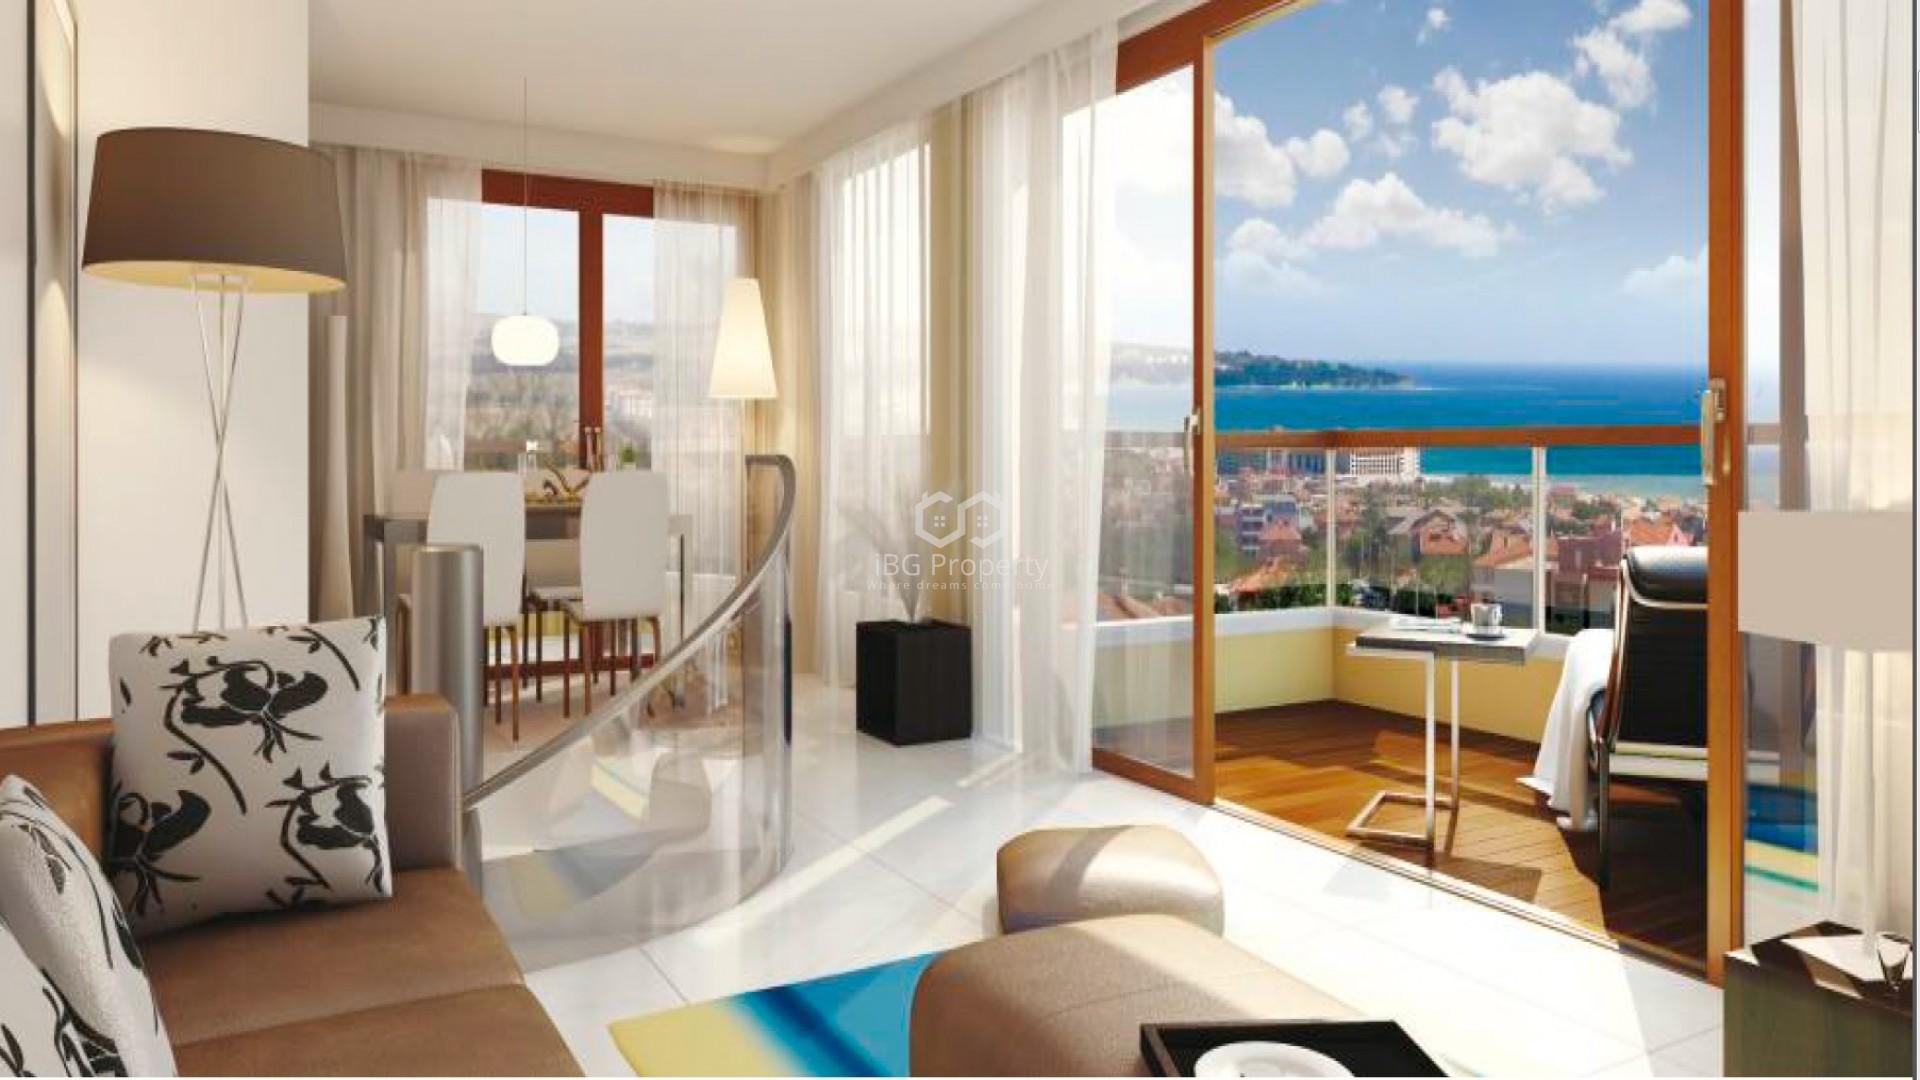 Zweizimmerwohnung in Obzor 114 m2